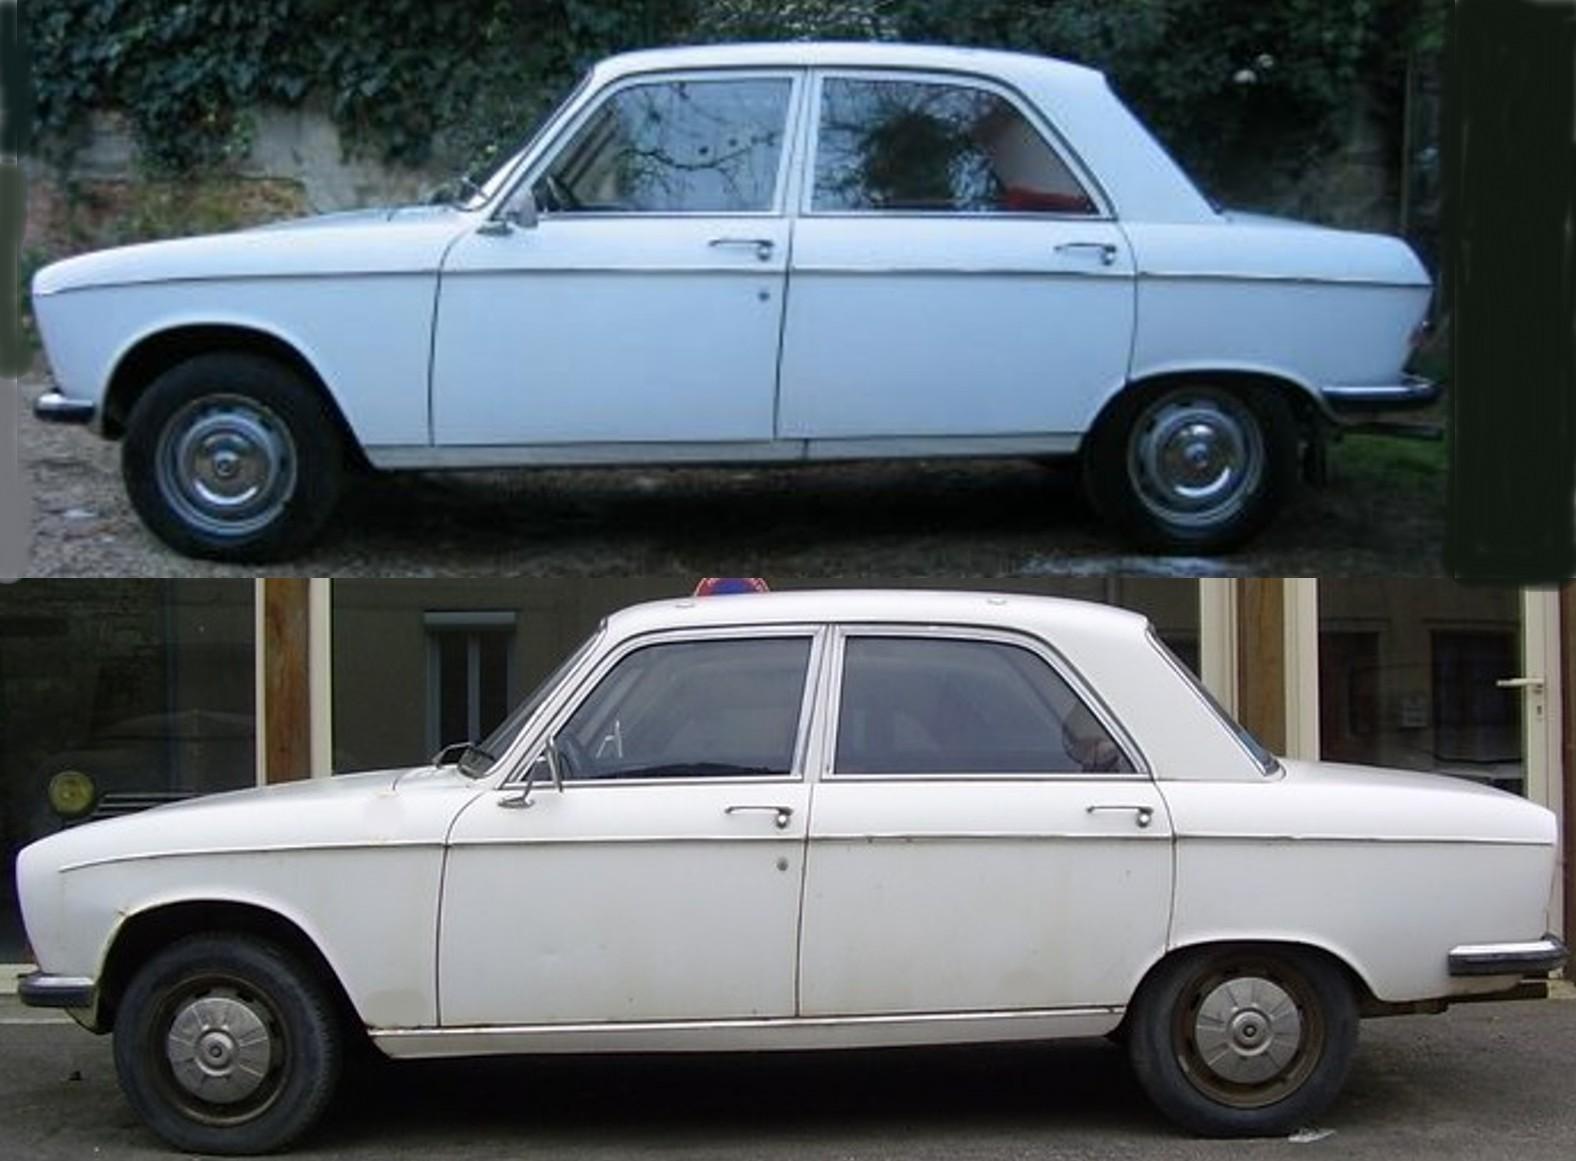 Peugeot_204-304_comparaison[1]